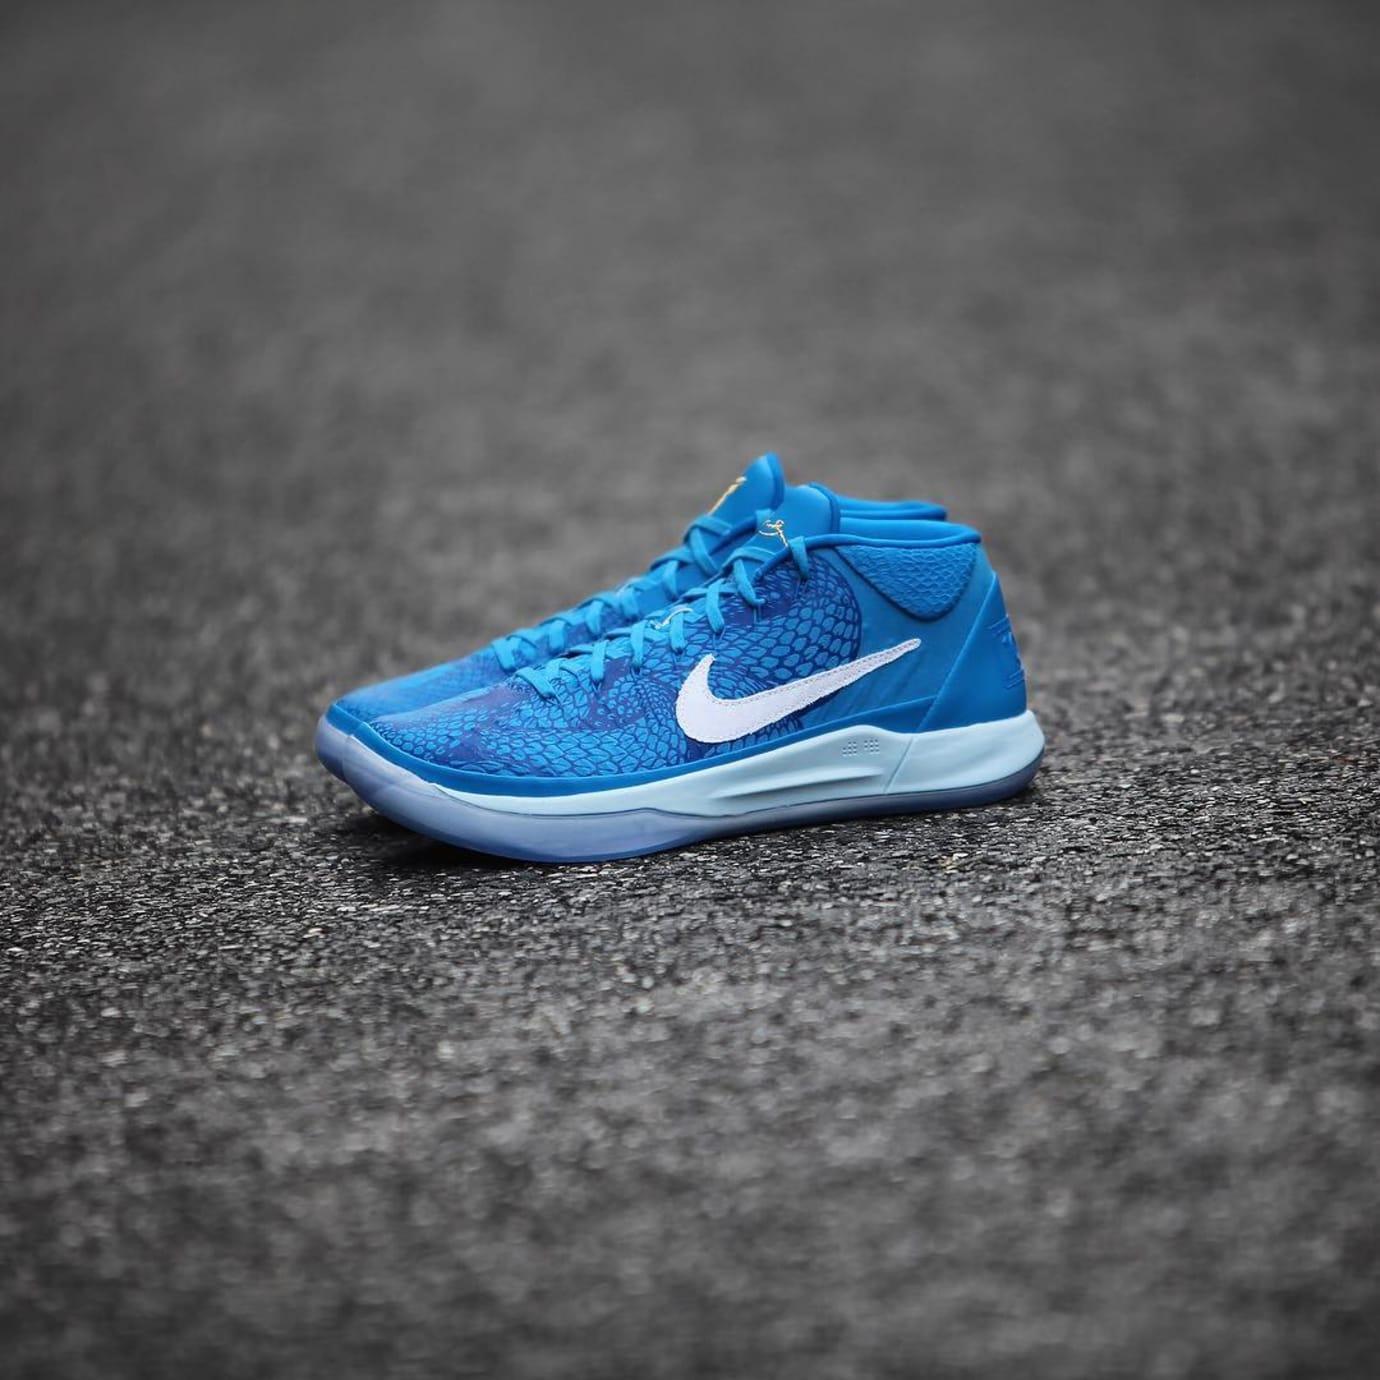 06b66f463 Nike Kobe A.D. Mid DeMar DeRozan PE Release Date Left